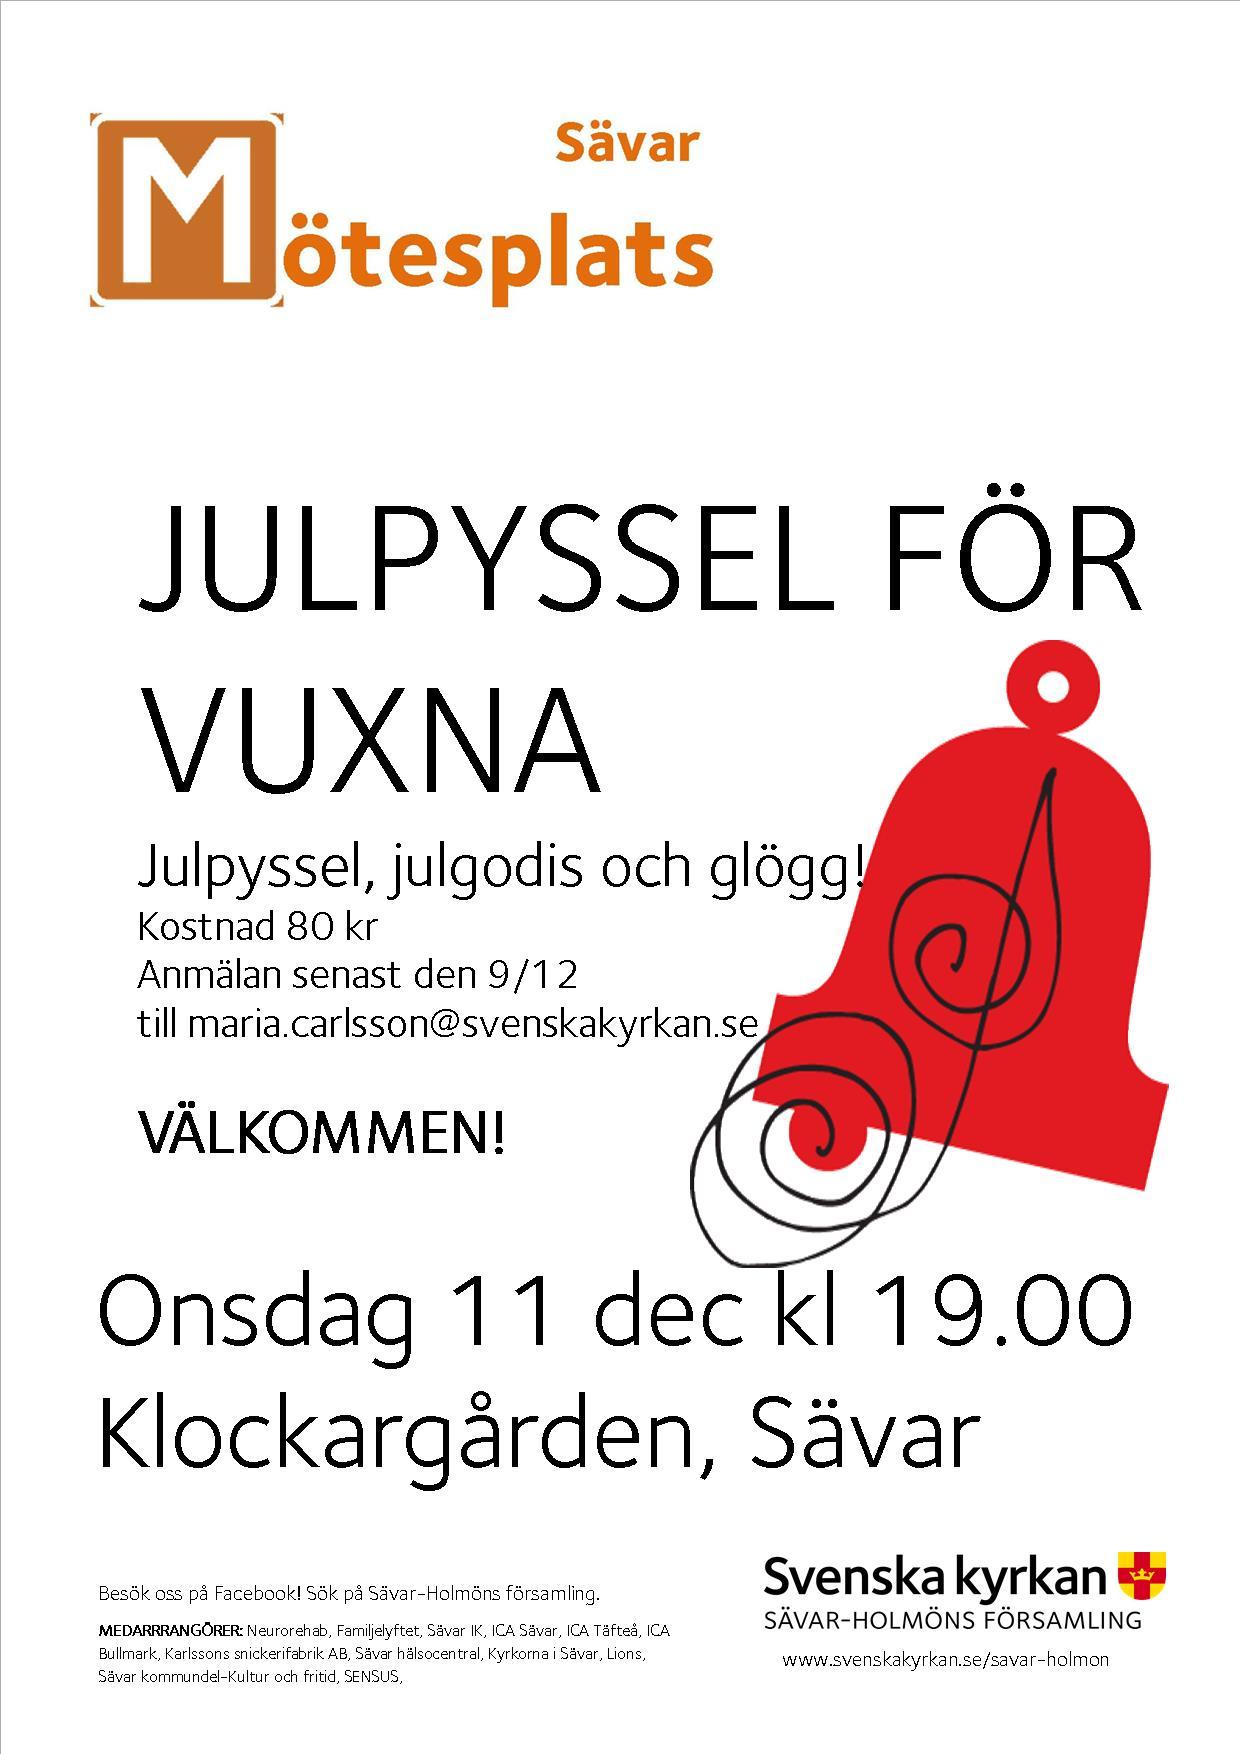 mötesplatsen kostnad Karlskrona